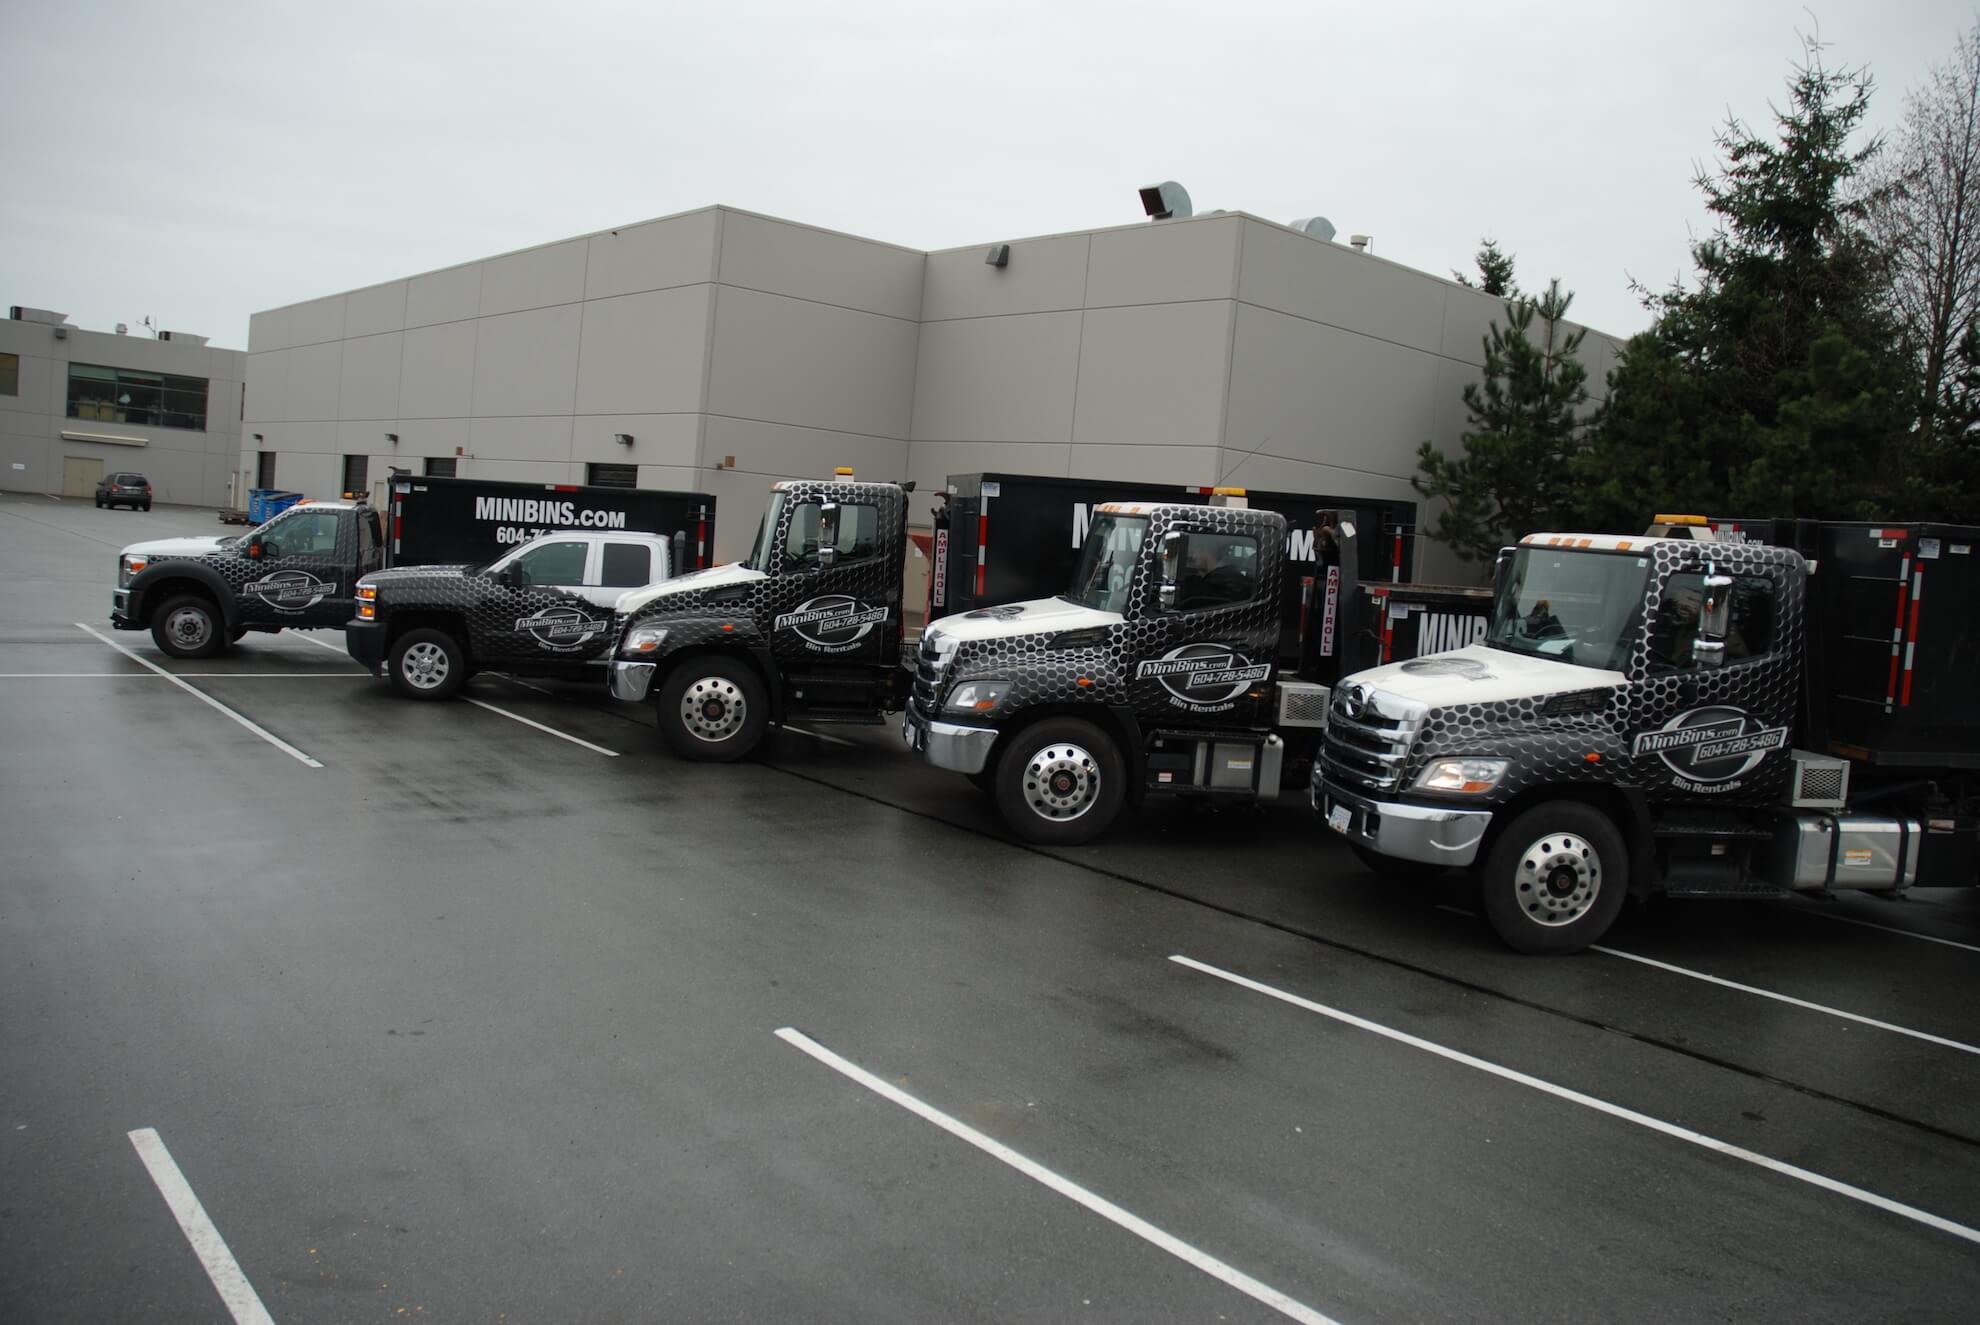 garbage bin rentals Mini Bins trucks